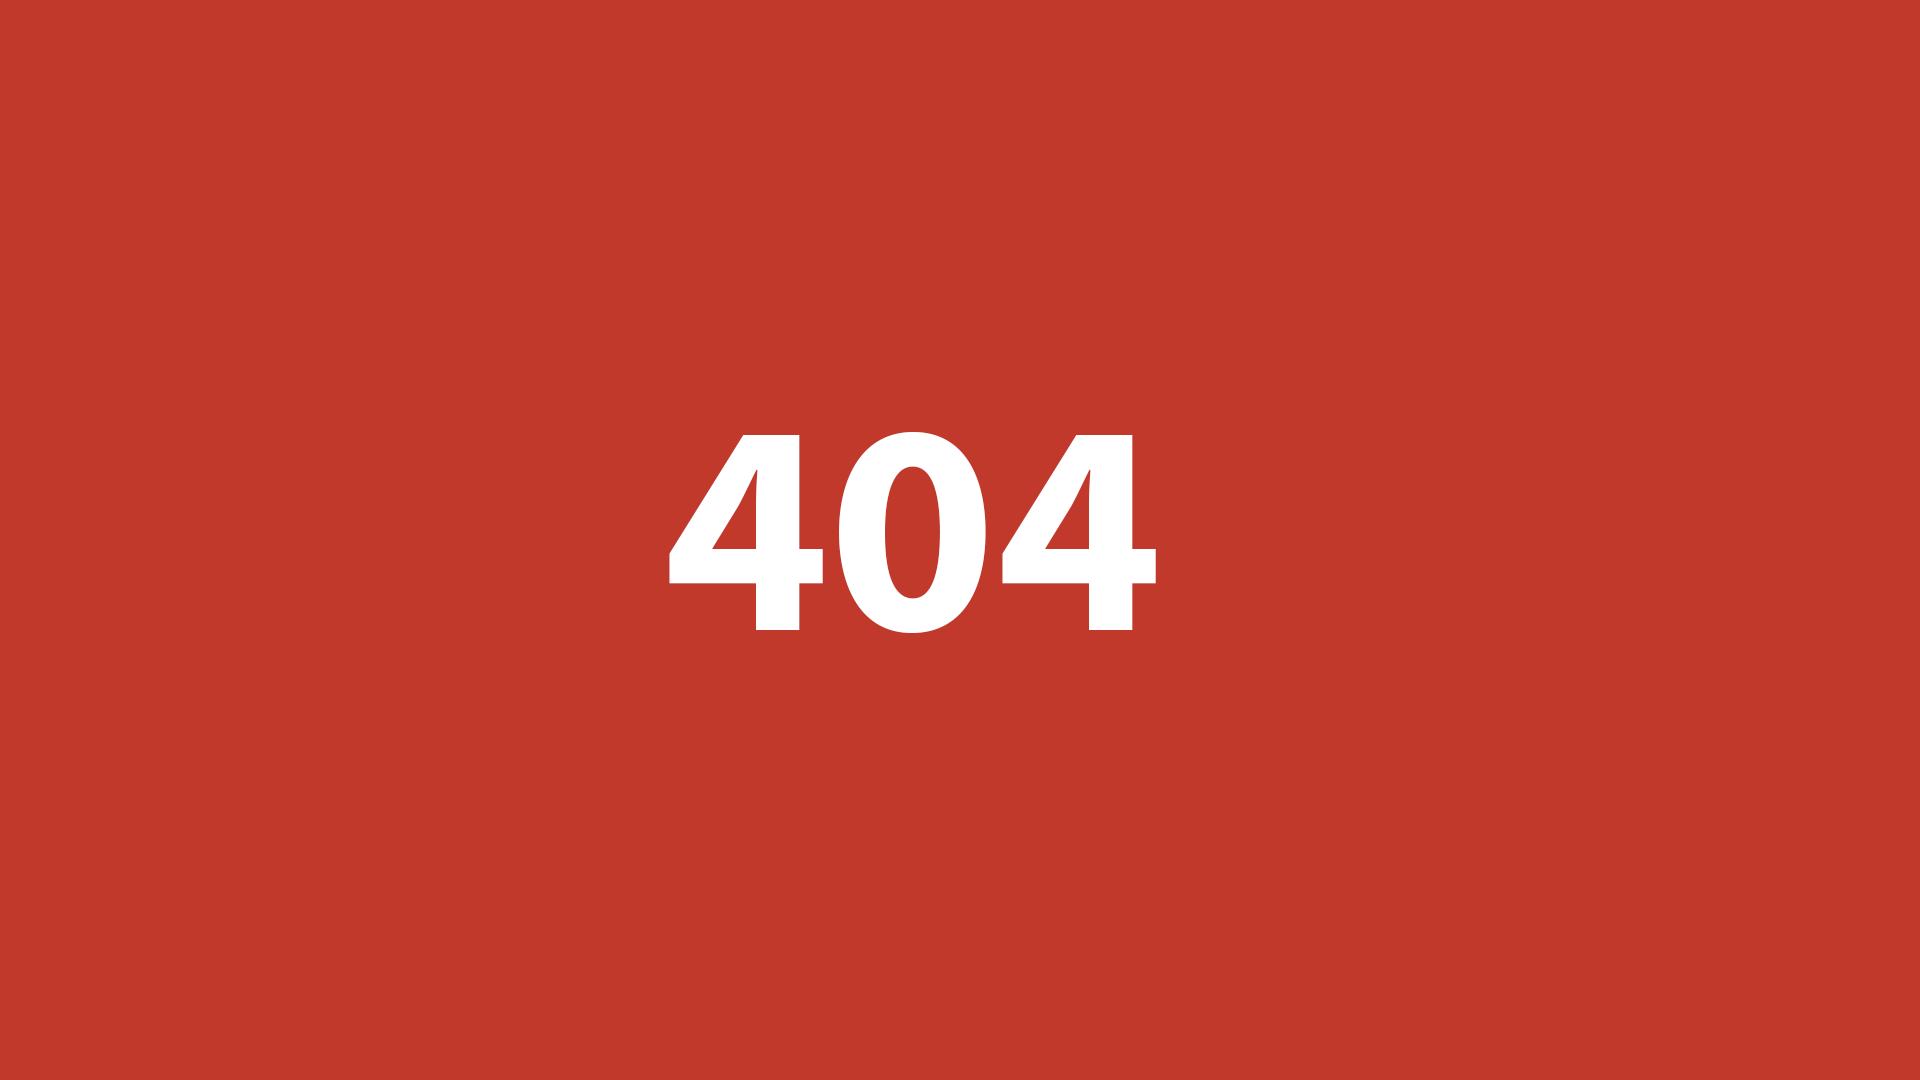 404 venue cymru